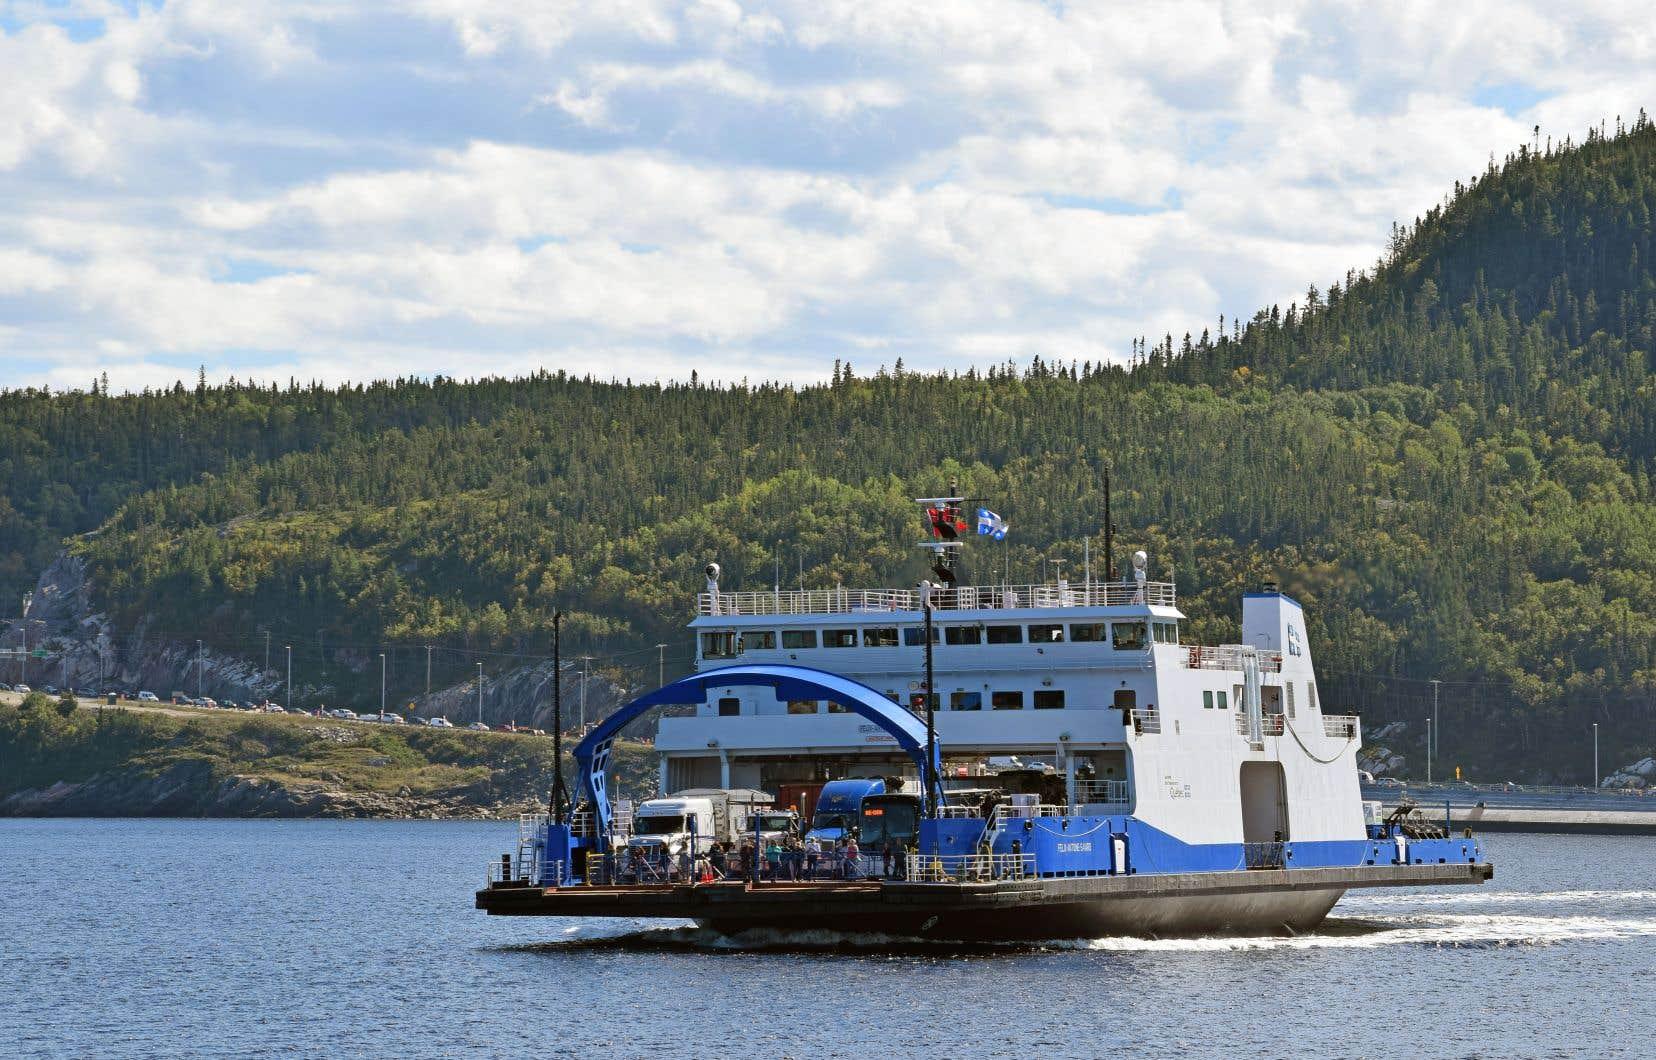 Les traversiers actuels permettent une capacité de transport de 75 véhicules. Ce nombre doit passer à 110 avec les nouveaux bateaux.